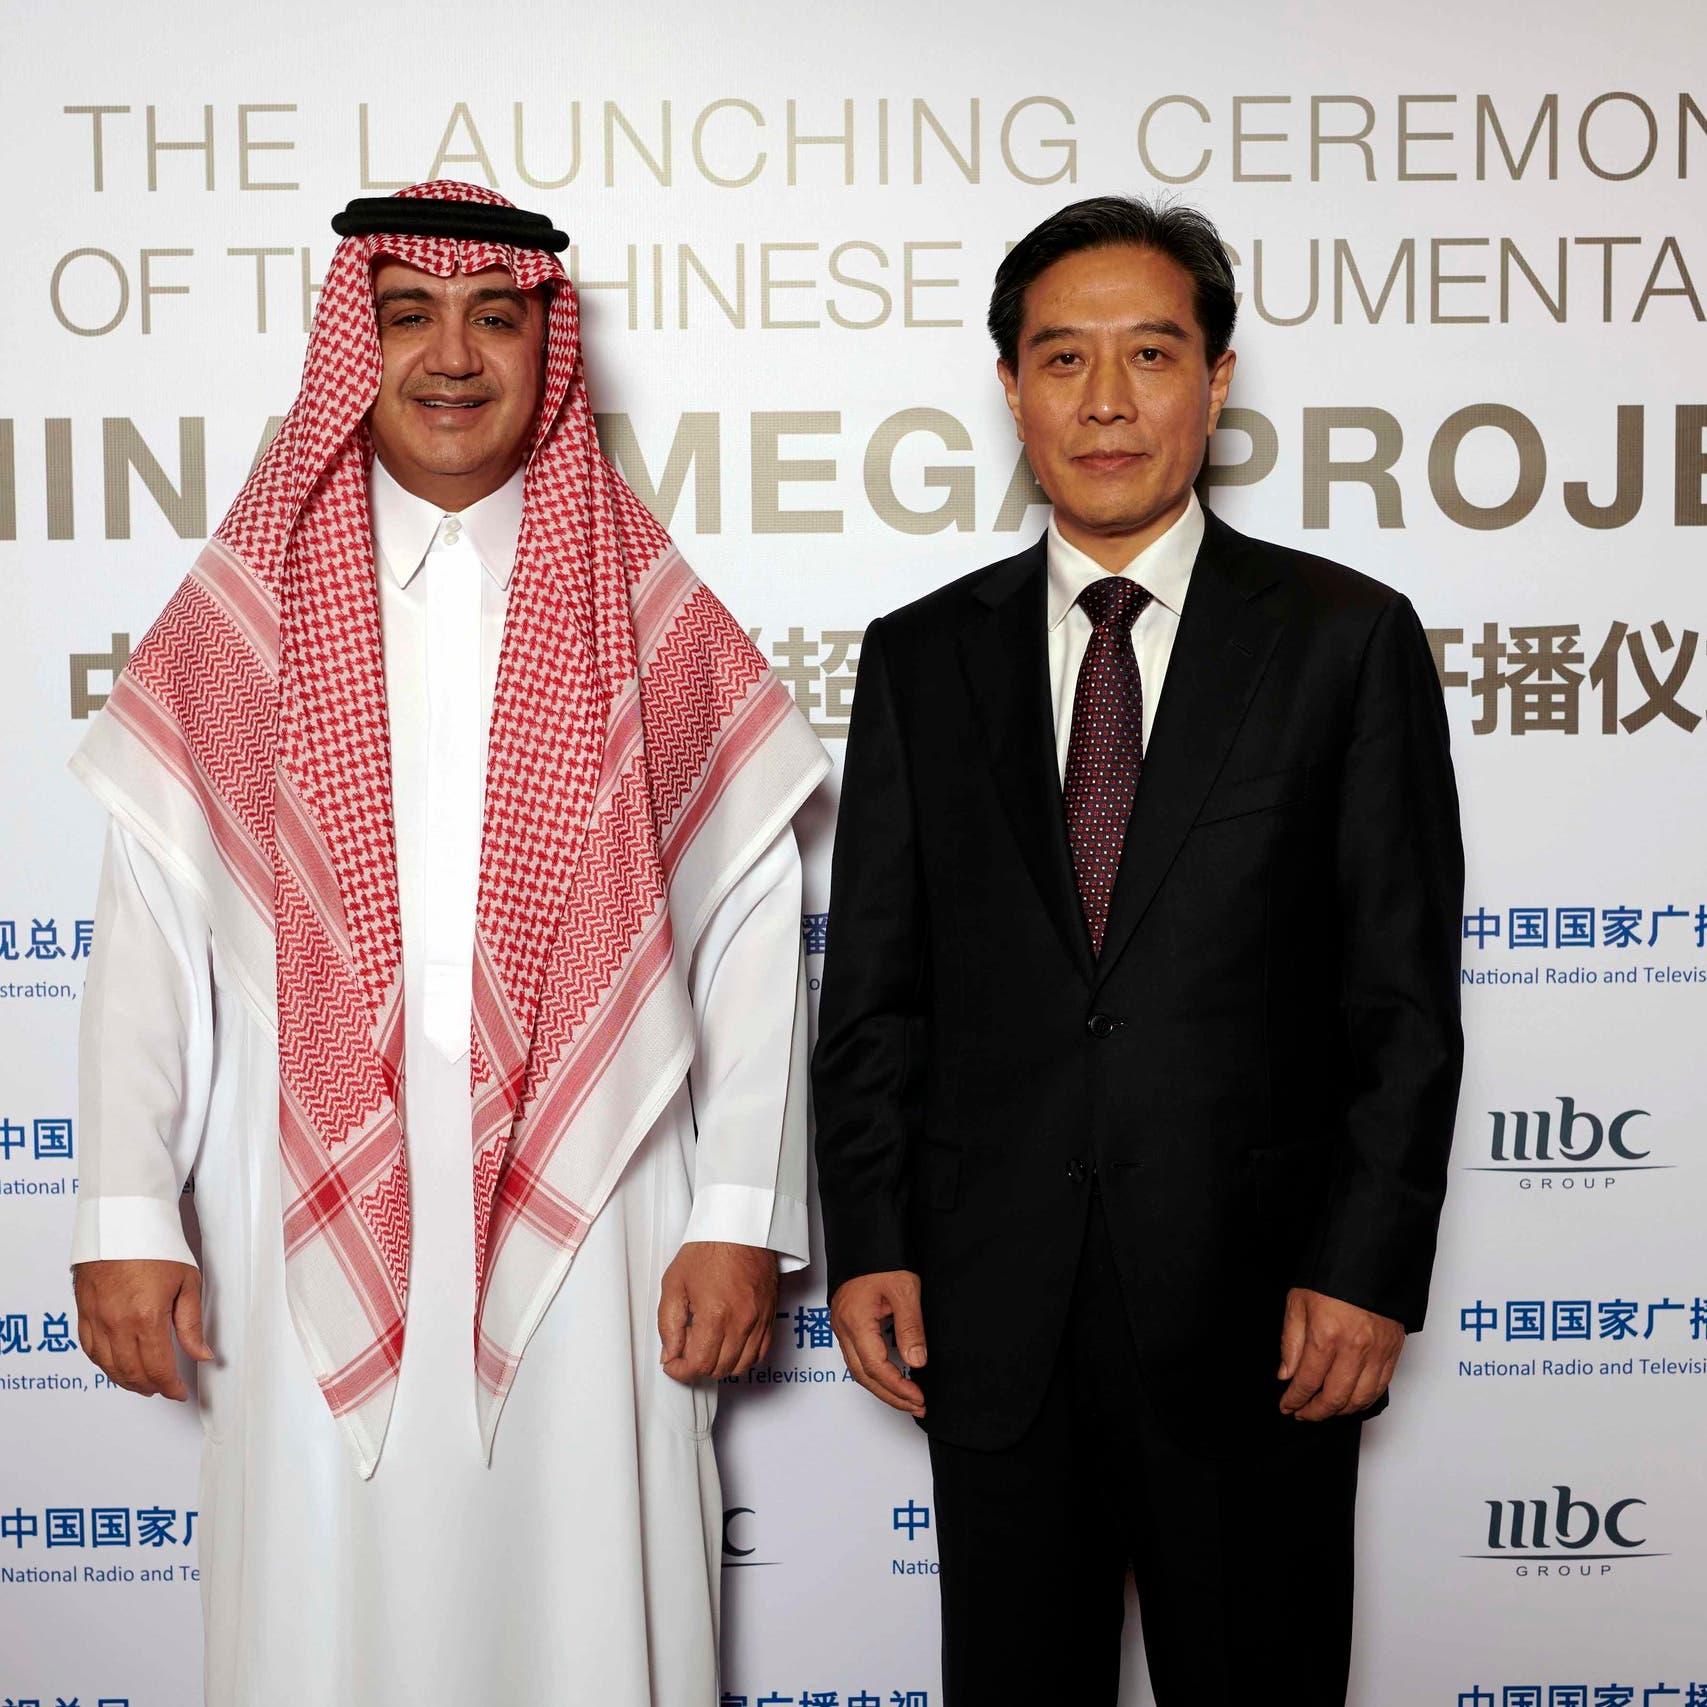 مذكرة تفاهم بين MBC والتلفزيون الصيني لتبادل الخبرات